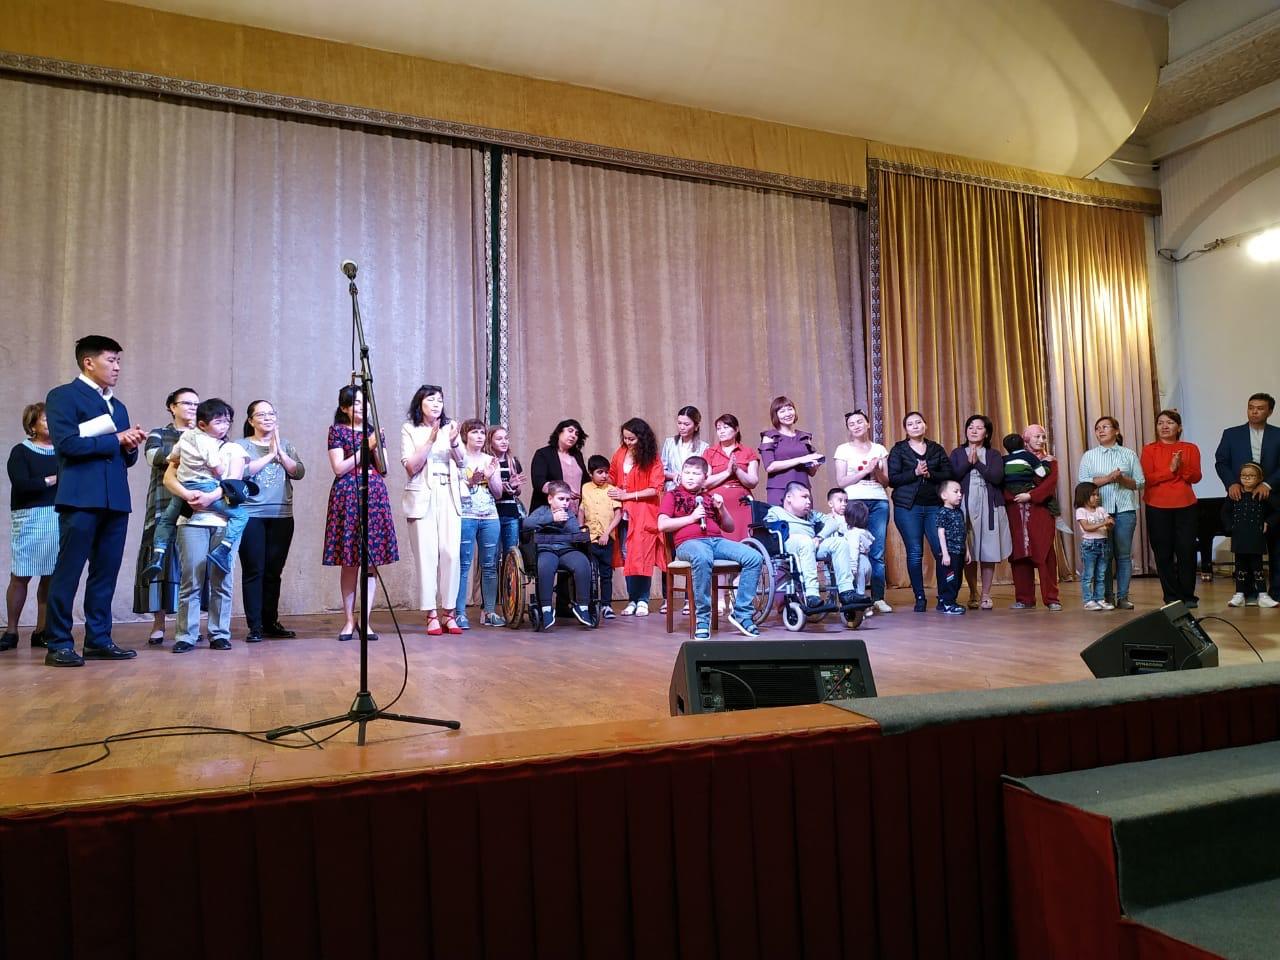 Концерт в поддержку детей с мышечной дистрофией прошёл в Алматы